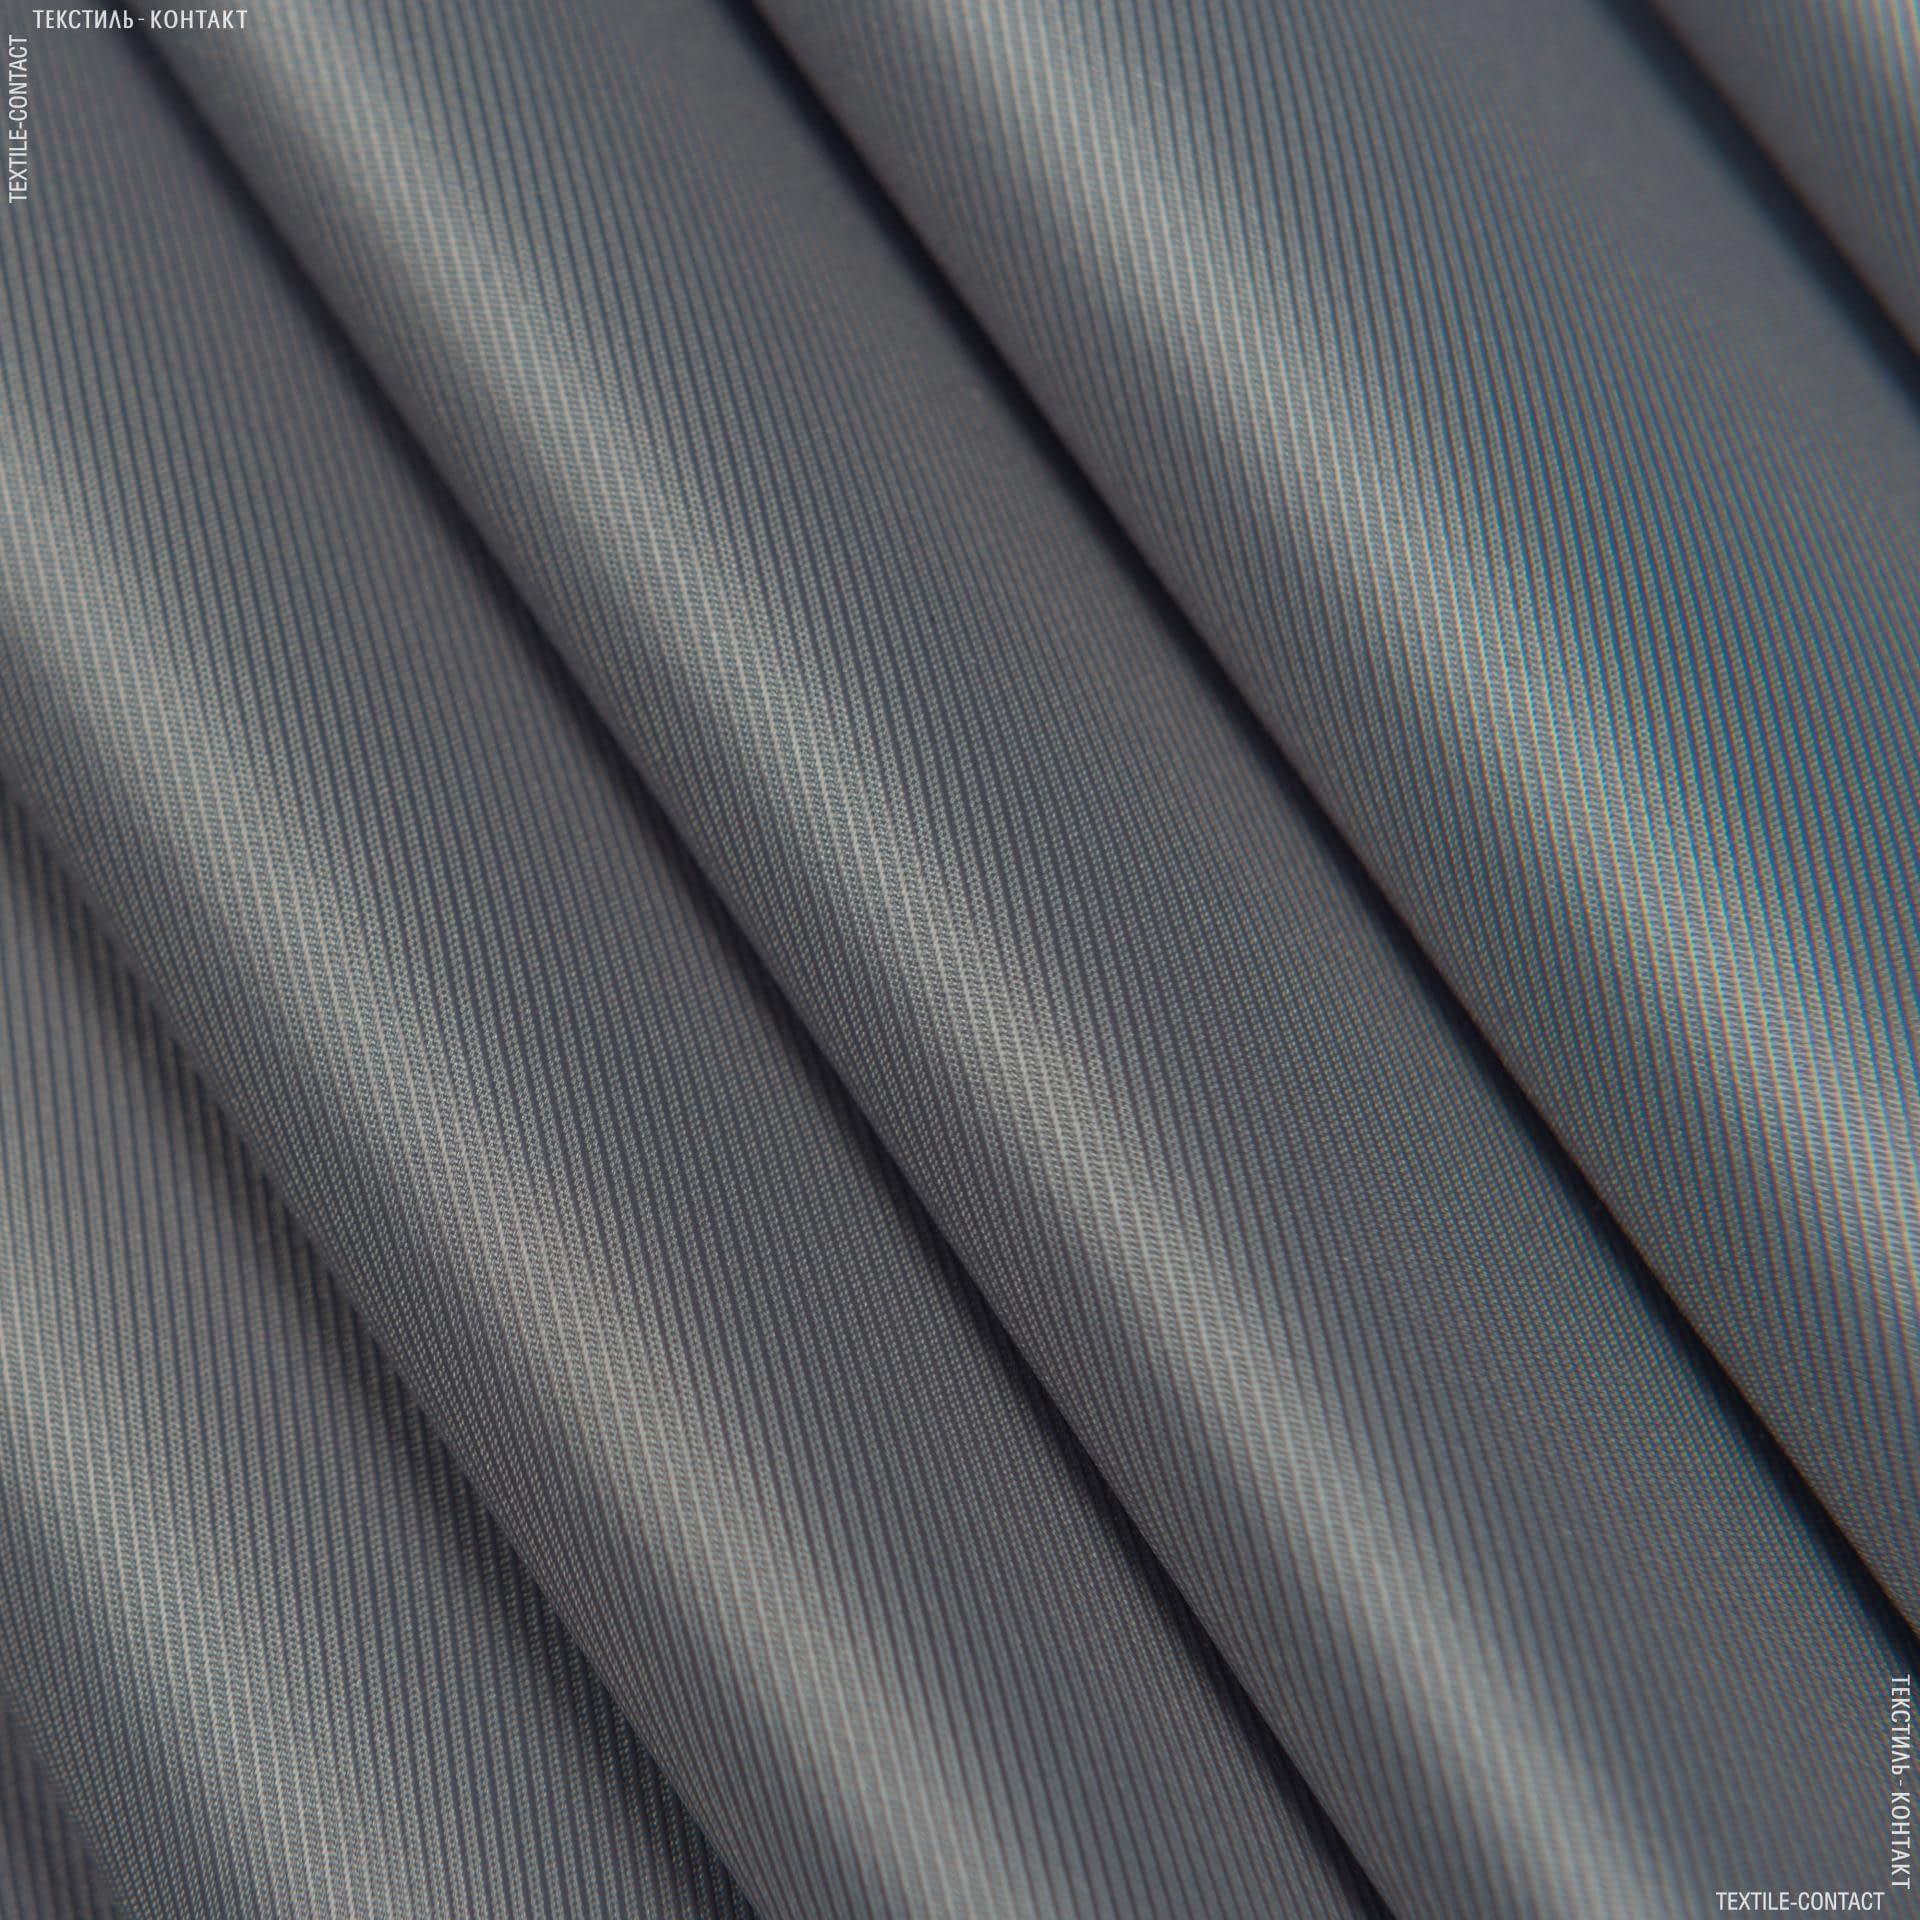 Тканини підкладкова тканина - Підкладка діагональ темно-сірий